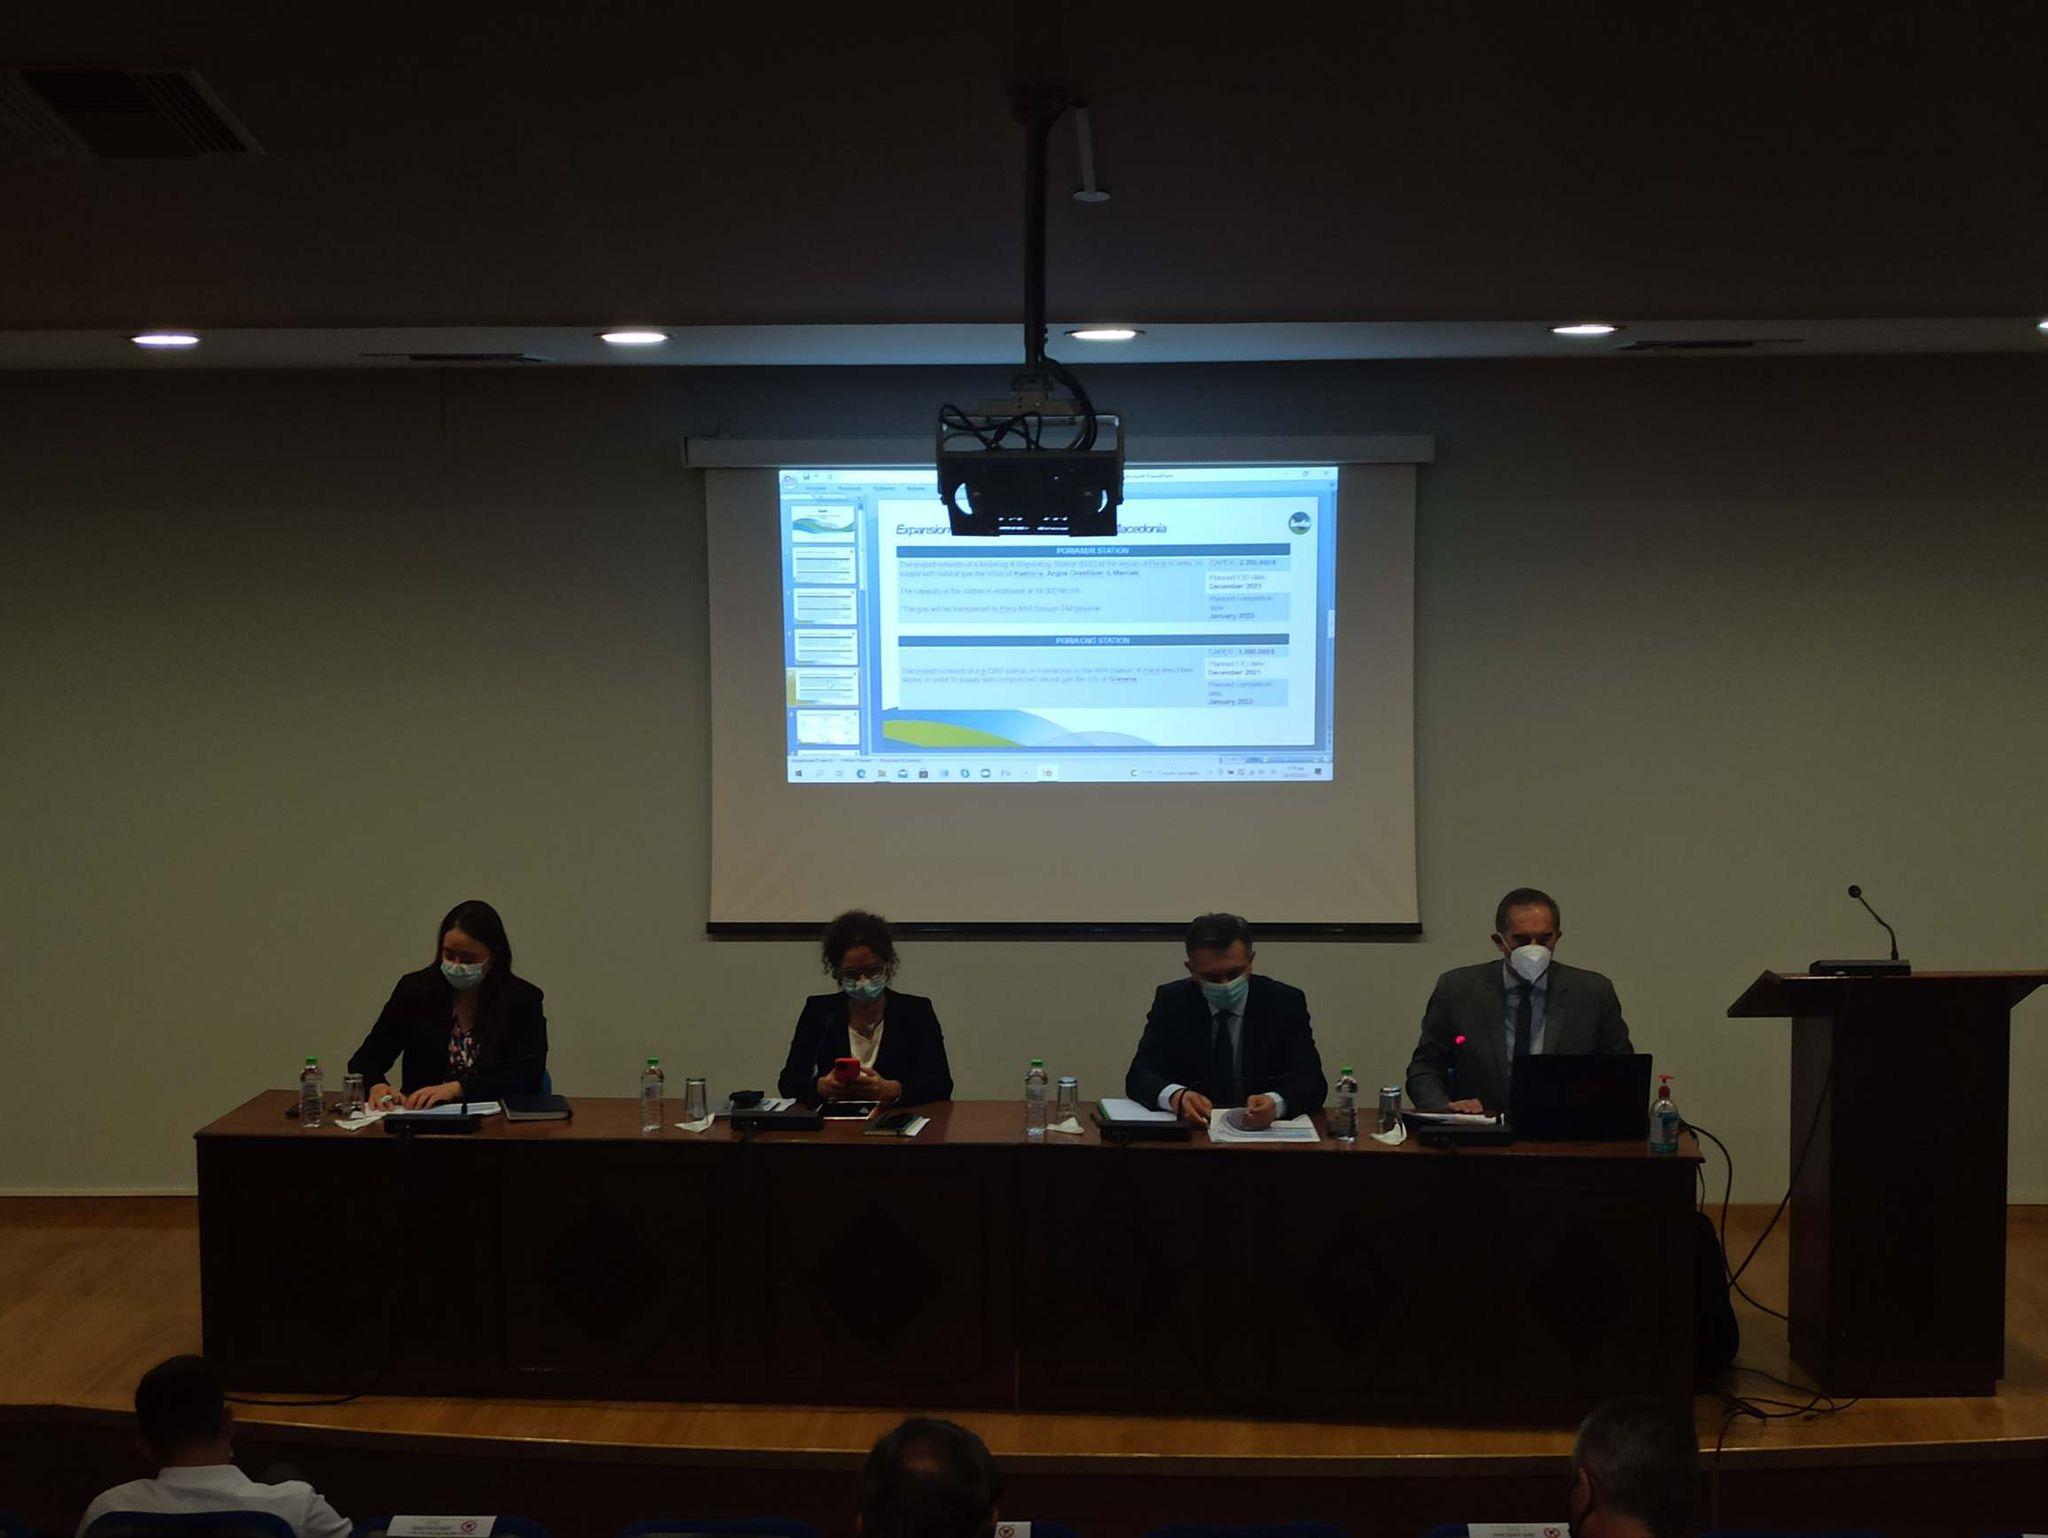 Η πορεία υλοποίησης των έργων για το φυσικό αέριο στην Περιφέρεια Δυτικής Μακεδονίας, συζητήθηκε στη συνάντηση του Περιφερειάρχη Δυτικής Μακεδονίας Γιώργου Κασαπίδη με κλιμάκιο του ΔΕΣΦΑ Α.Ε.